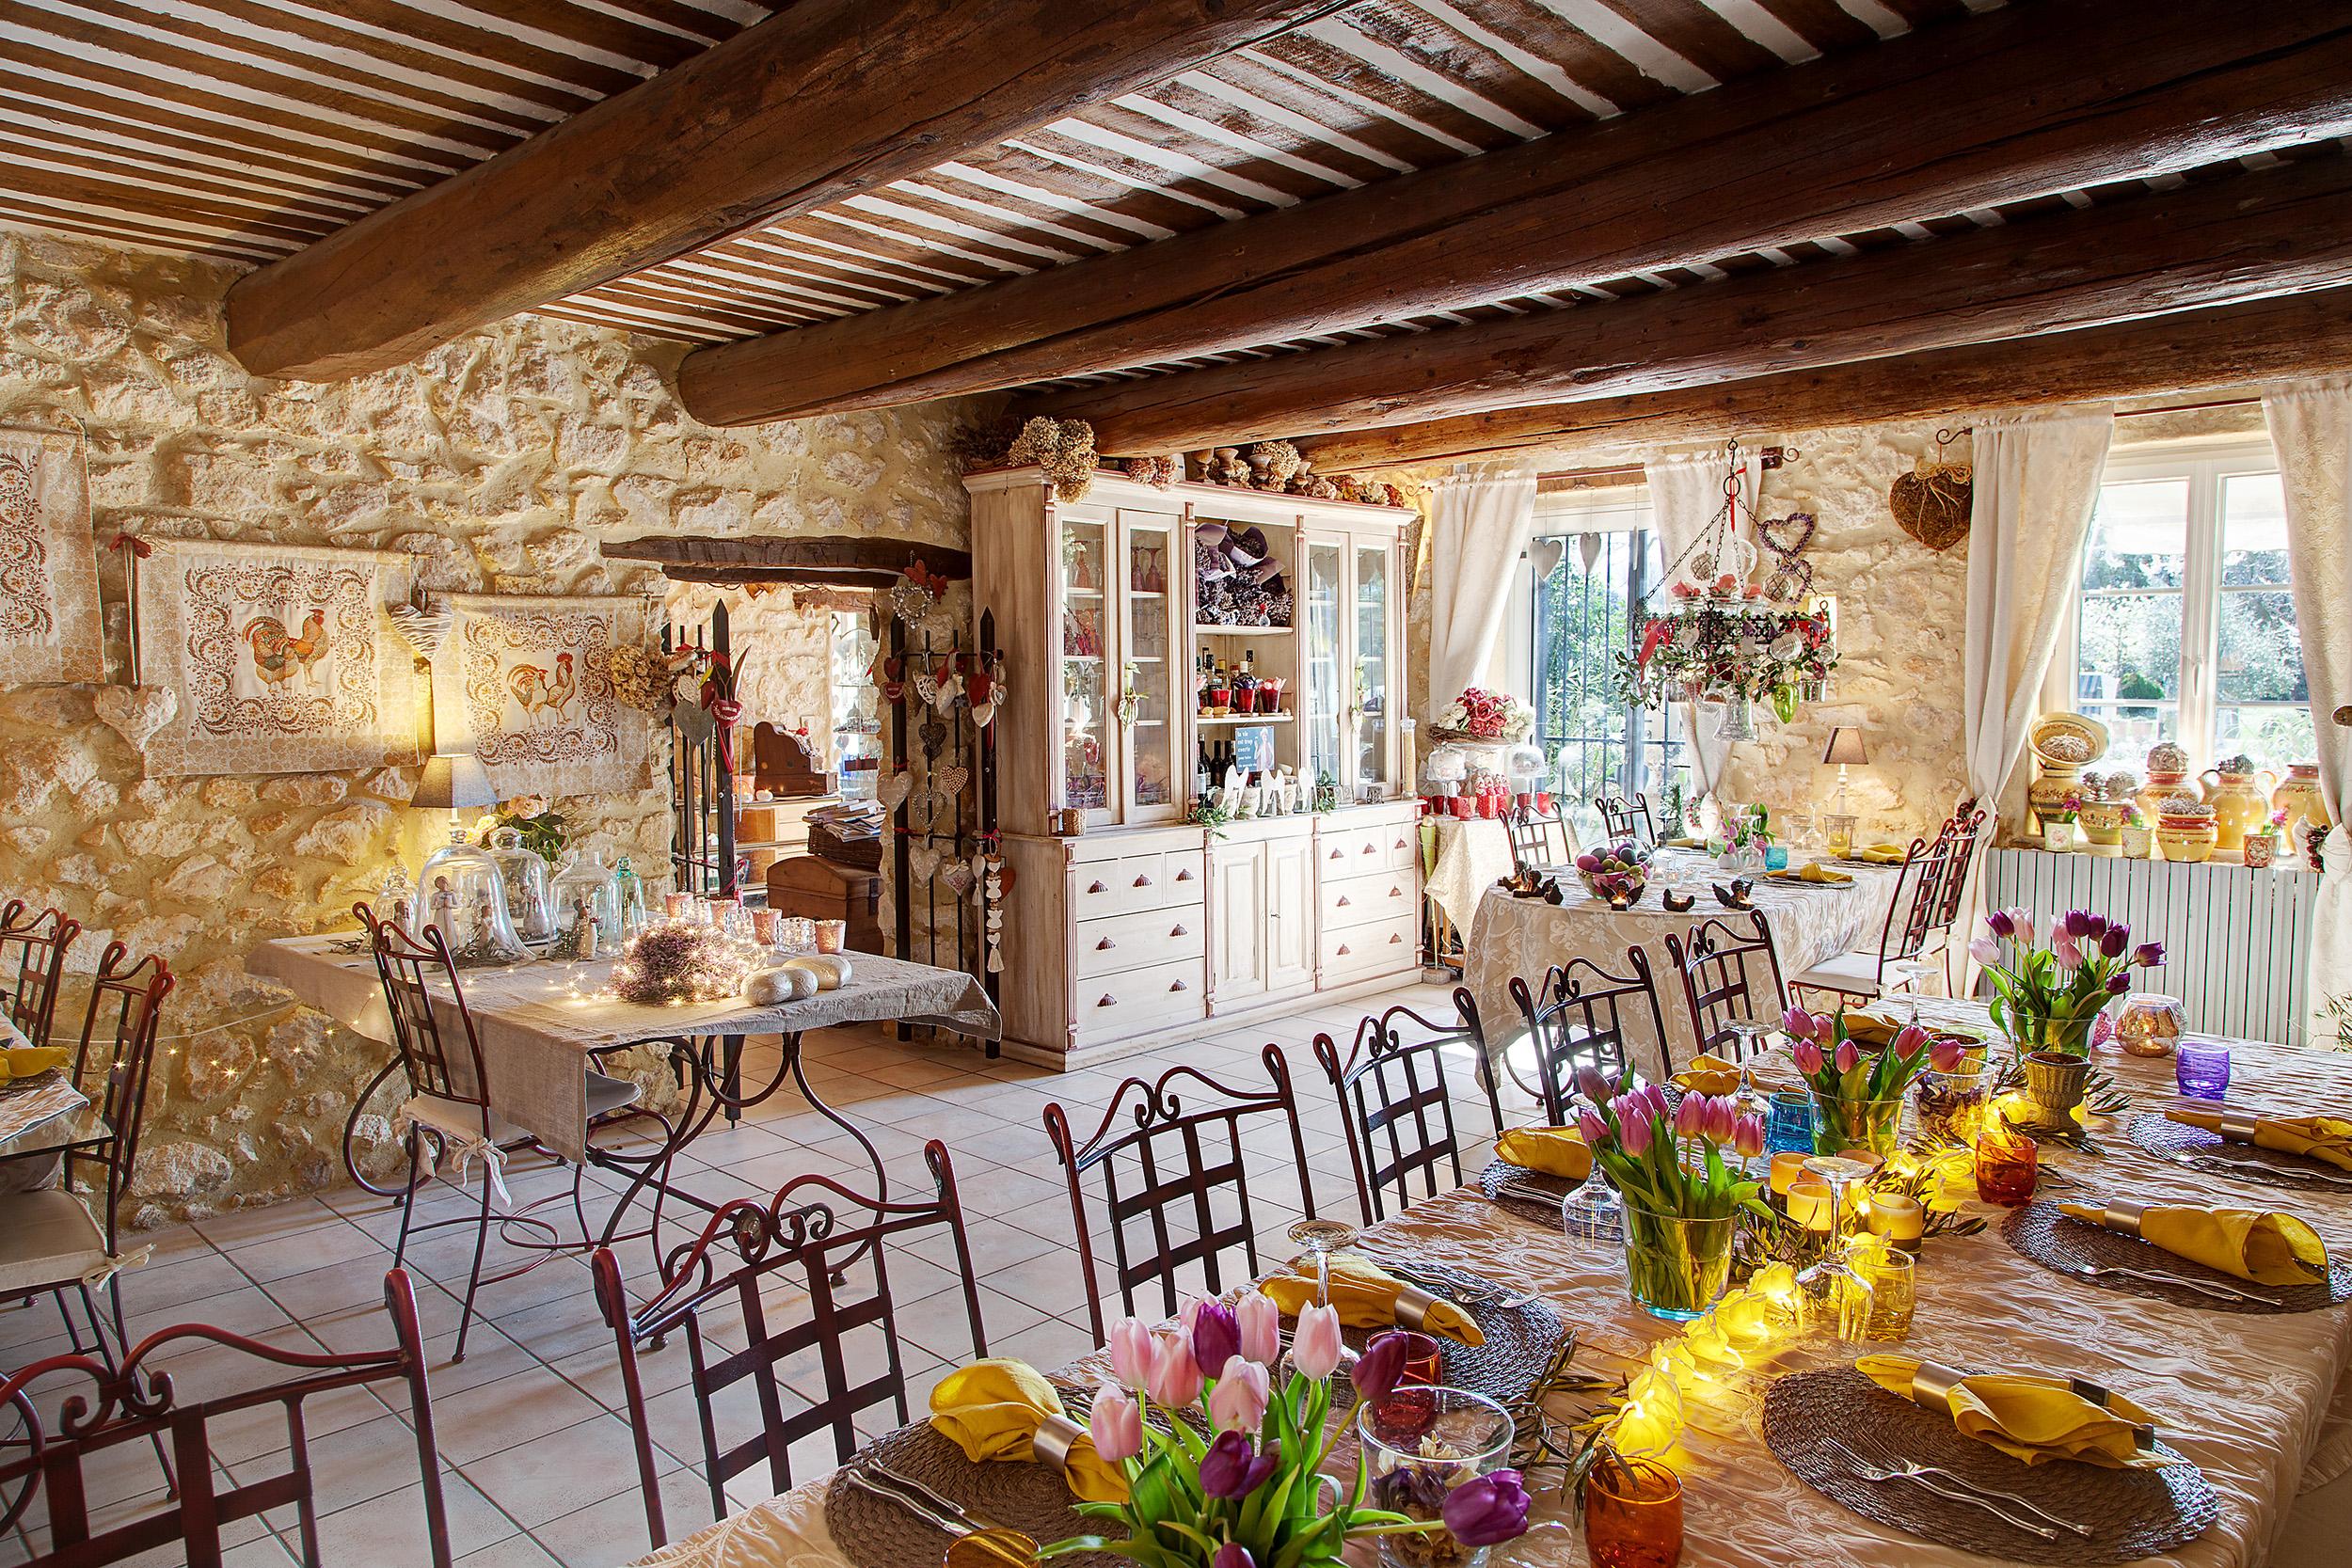 Chambre D'Hôtes Provence, Séjour Roulotte - Le Mas Du tout Rentabilité Chambre D Hote